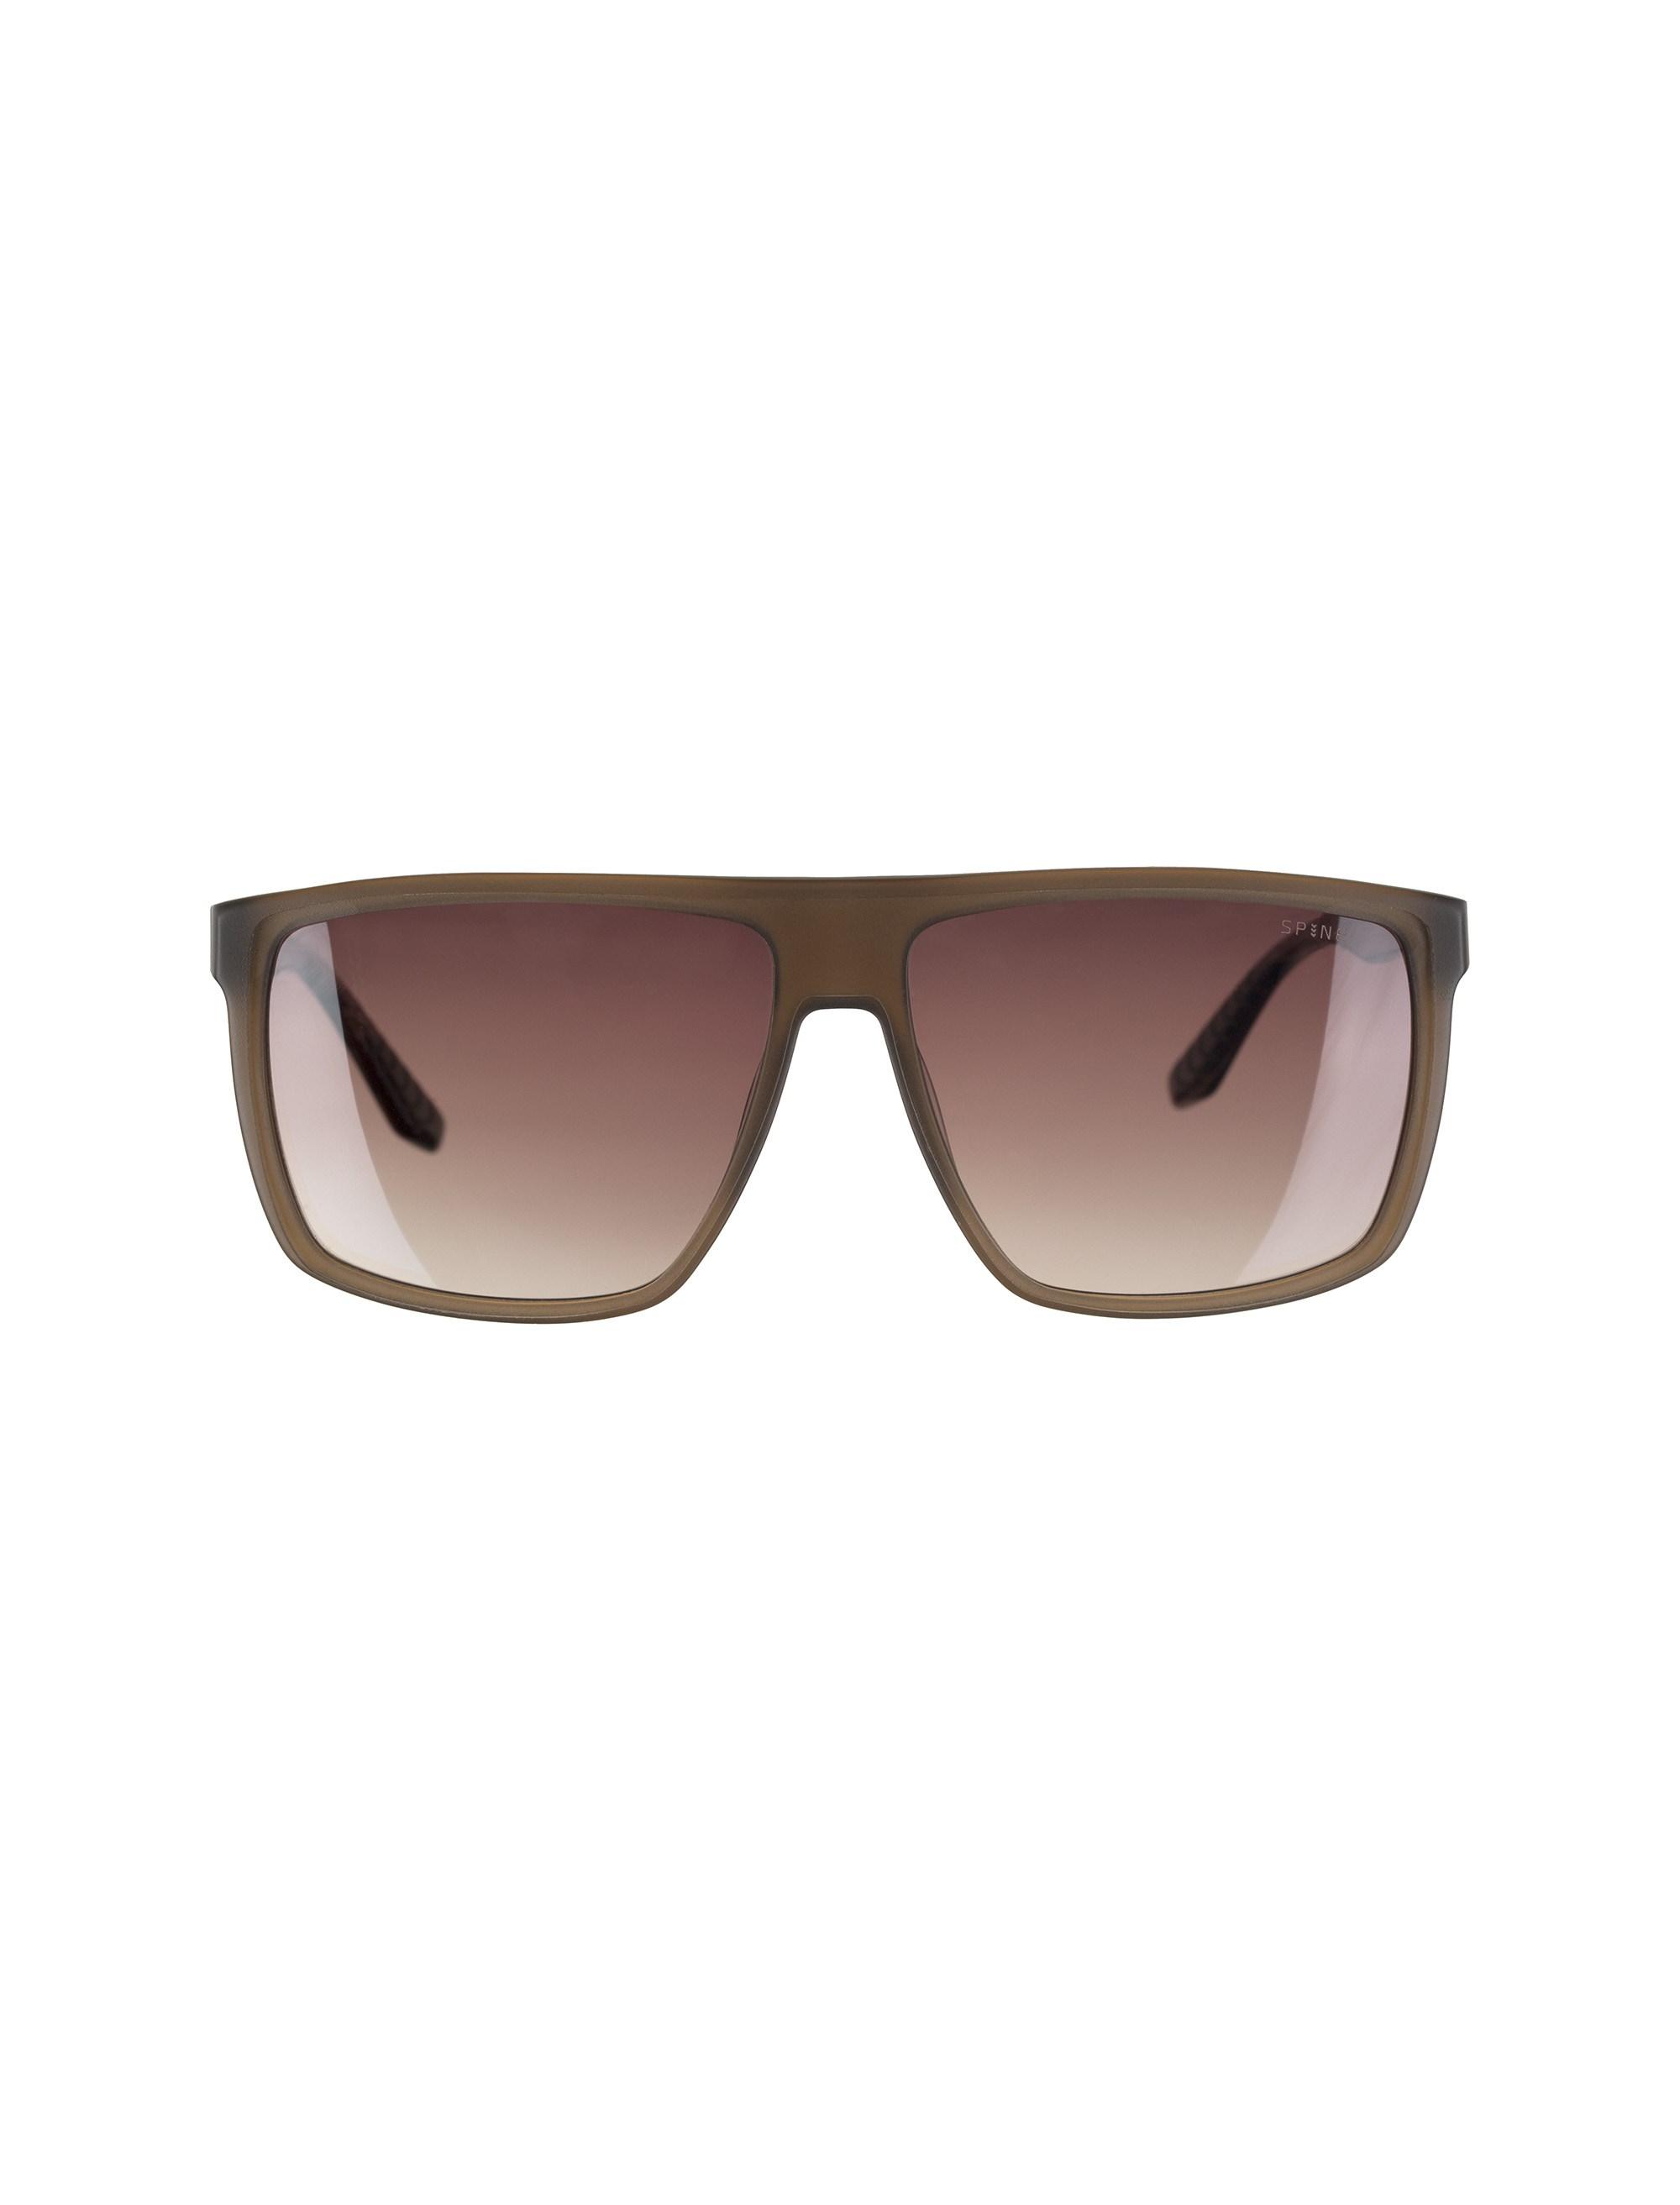 عینک آفتابی ویفرر مردانه - اسپاین - قهوه اي شفاف - 1